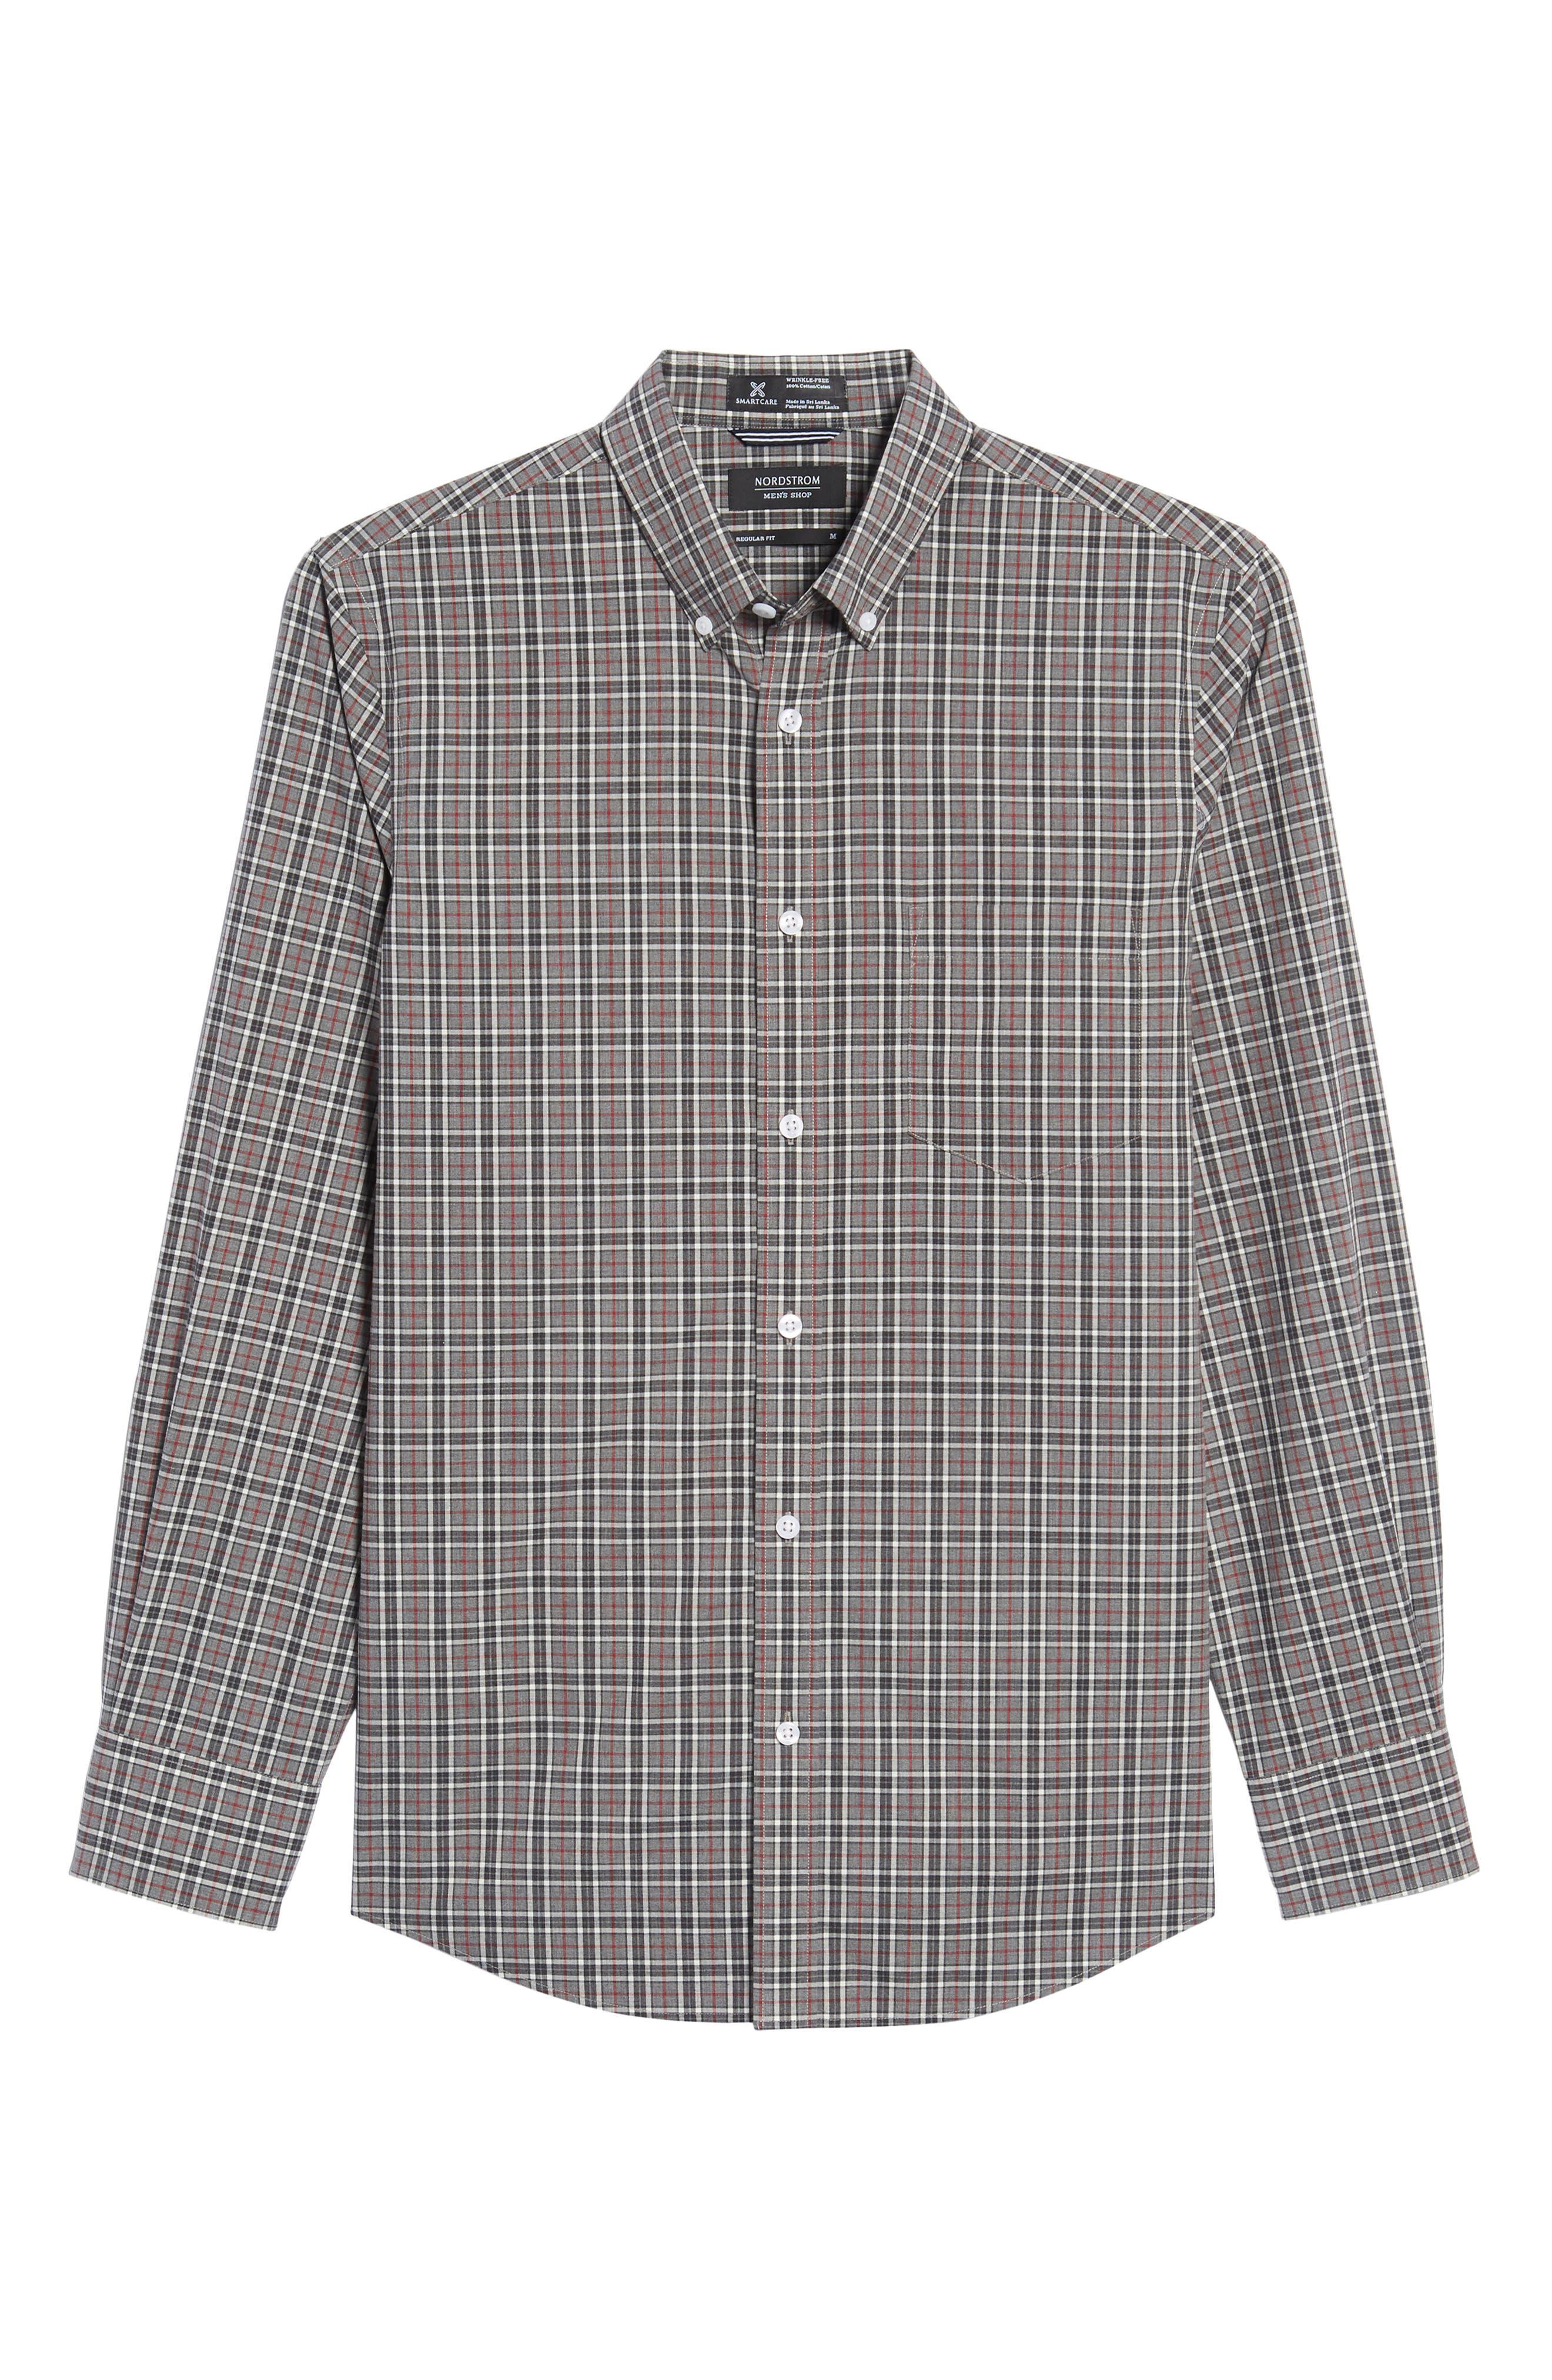 Smartcare<sup>™</sup> Regular Fit Plaid Sport Shirt,                             Alternate thumbnail 6, color,                             030